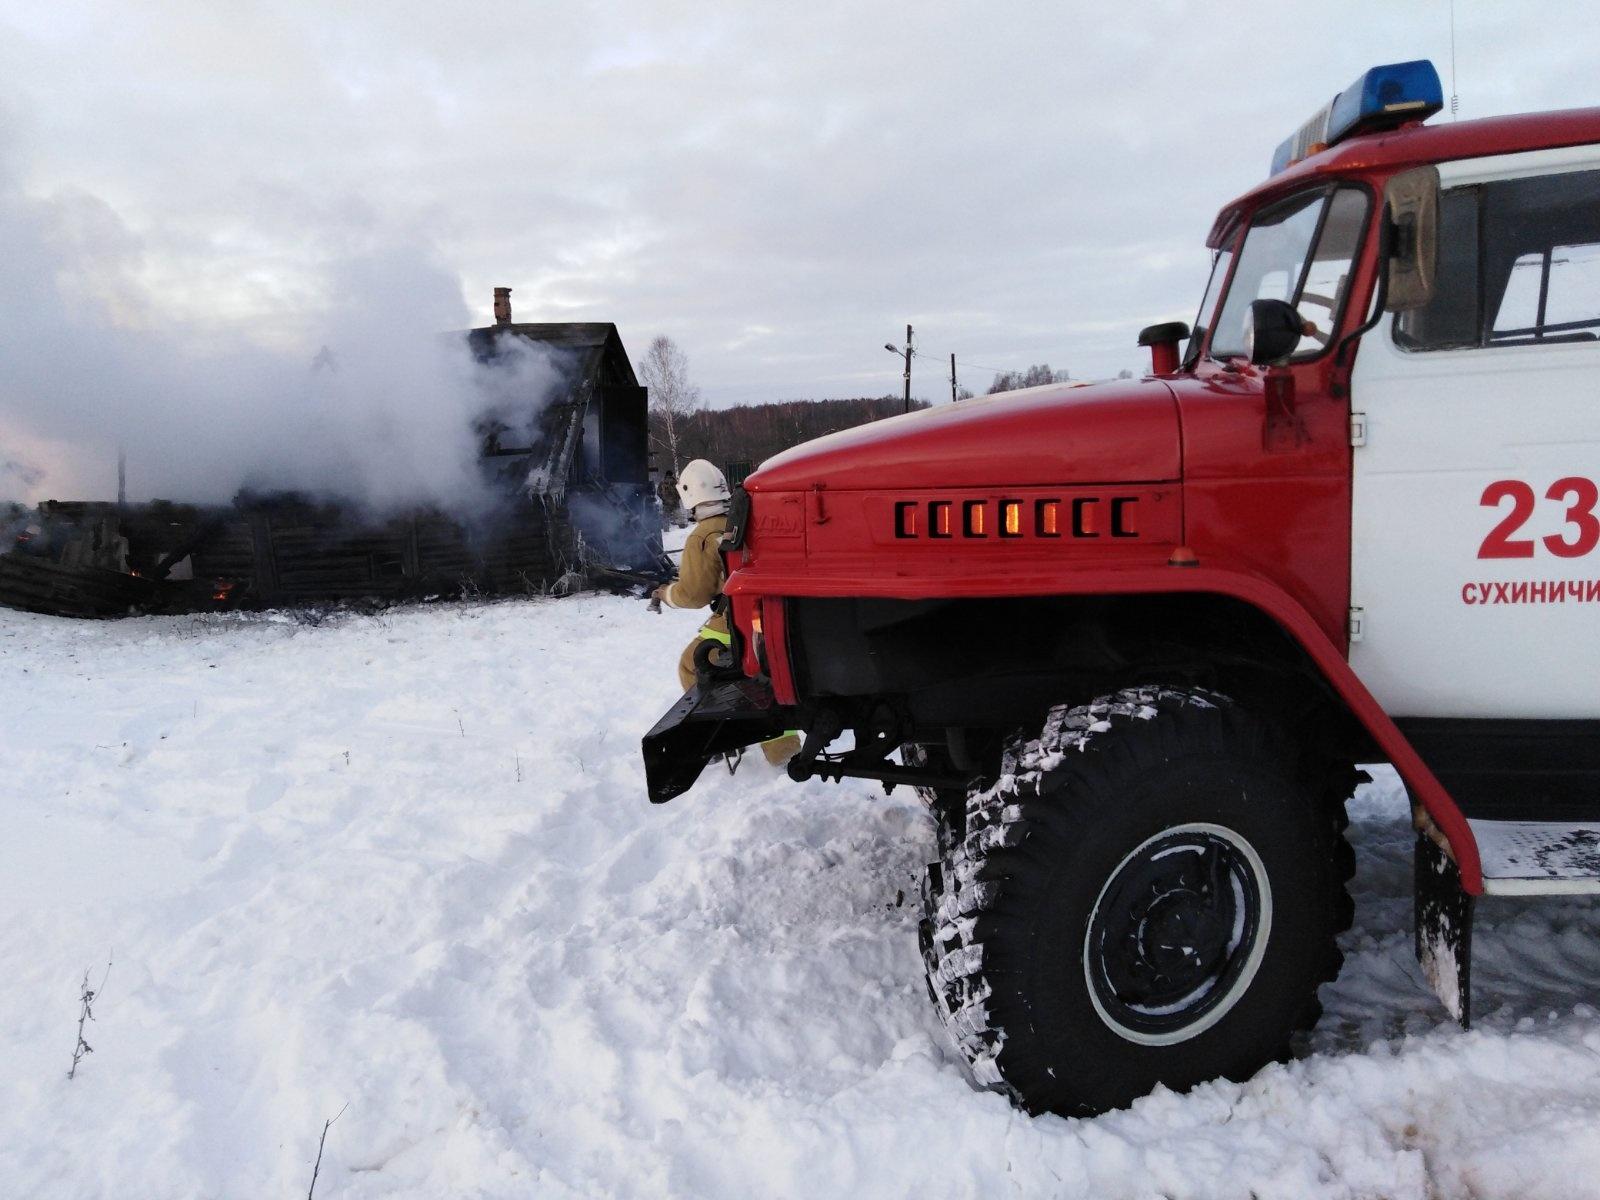 Пожар в Сухиничском районе, д. Верхний Волок